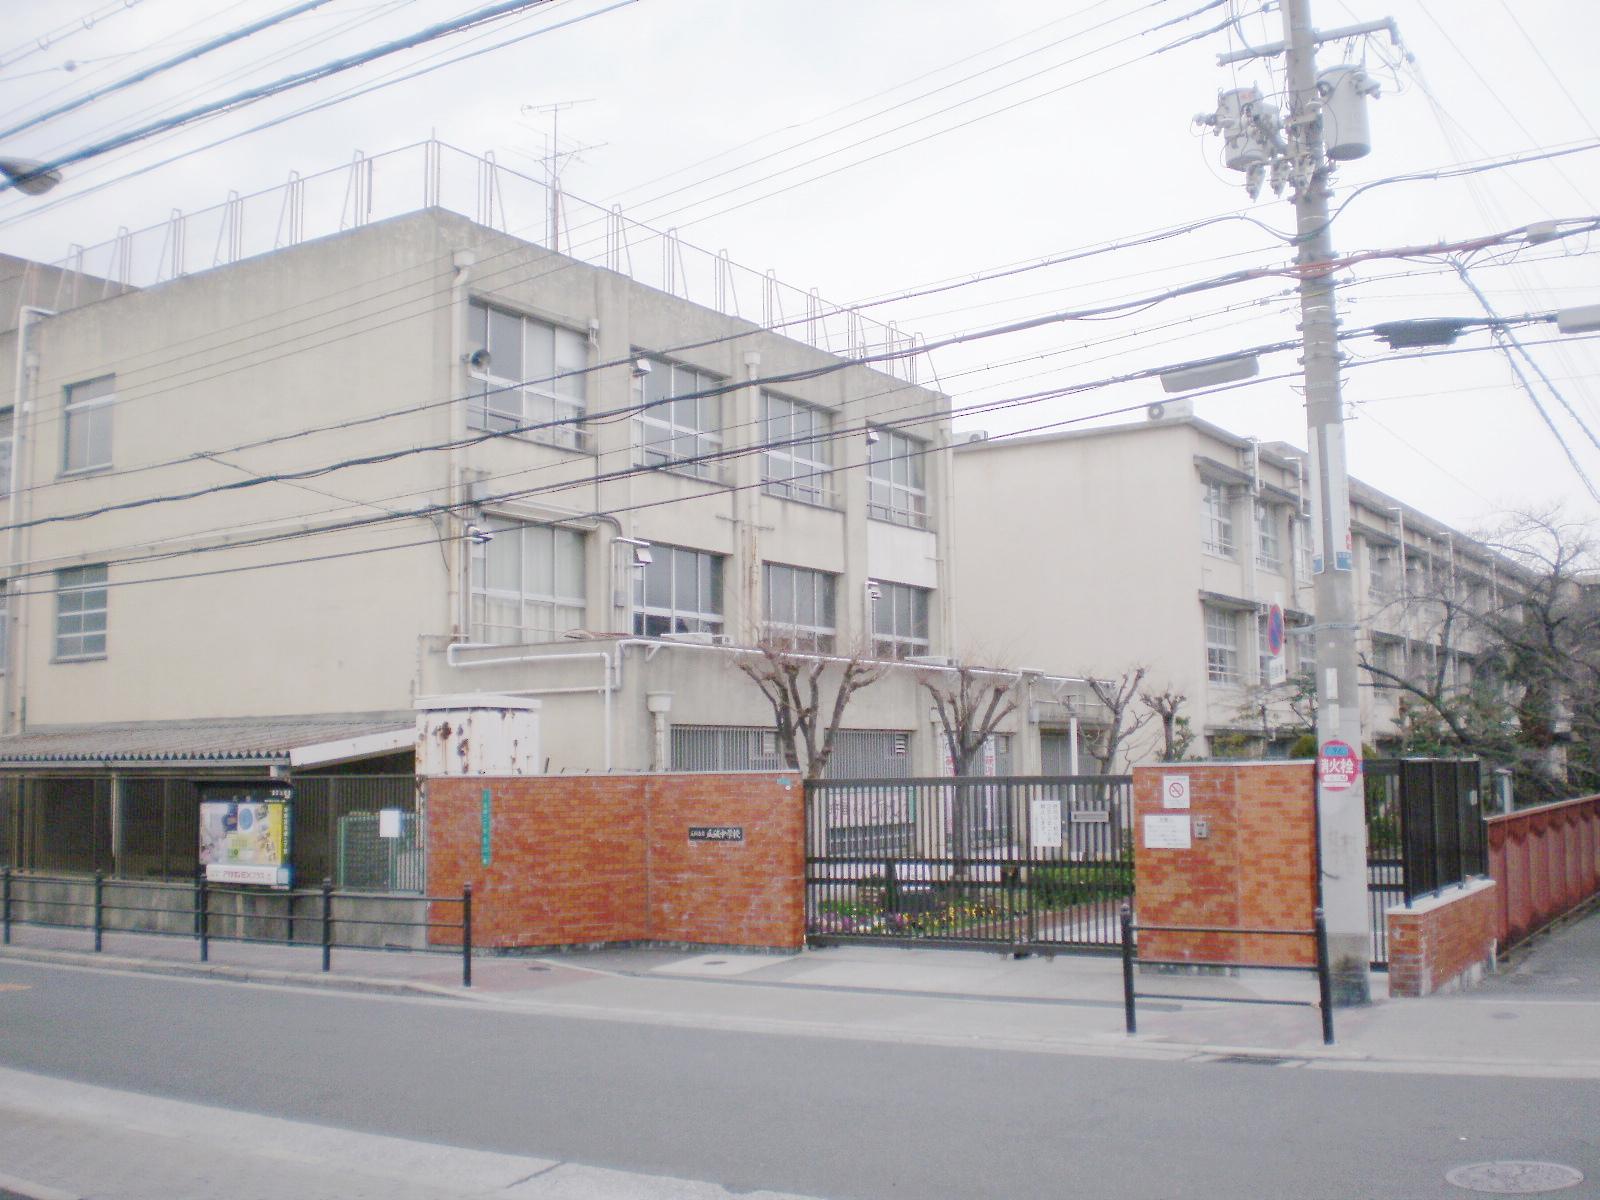 中学校 大阪市立瓜破中学校(中学校)まで370m